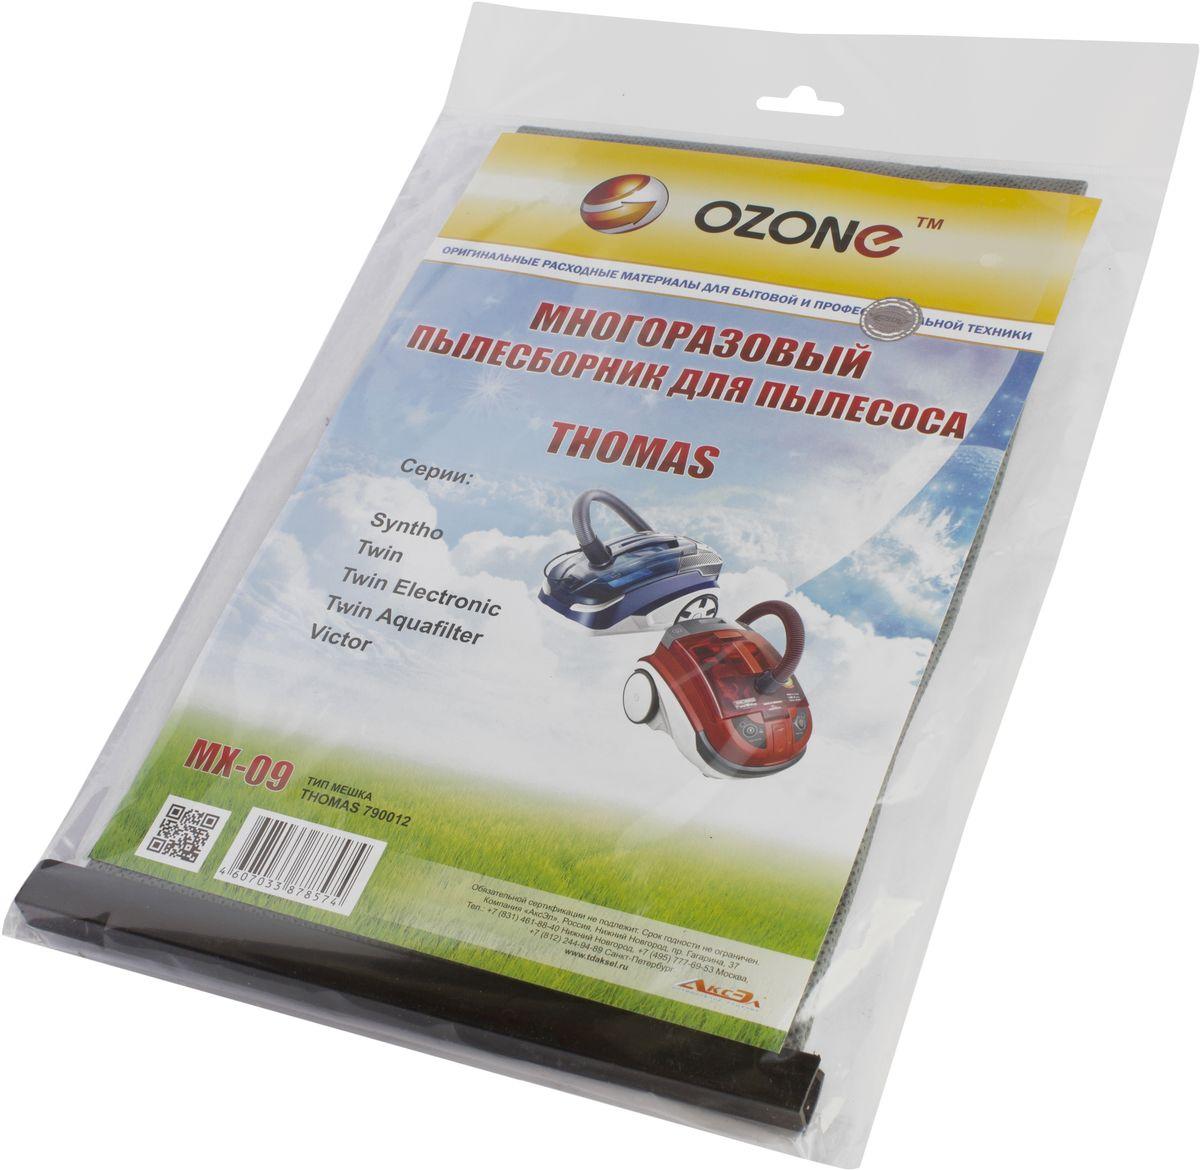 Ozone MX-09 пылесборник для пылесосов ThomasMX-09Многоразовый синтетический пылесборник Ozone microne multiplex MX-09 предназначен для бытового использования. Пылесборник Ozone соответствуют высоким стандартам качества. Благодаря использованию специального четырехслойного синтетического материала, пылесборник Ozone microne multiplex MX-09 обладает высочайшей степенью фильтрации и повышенной прочностью. Серия MICRON задерживает мельчайшие частицы пыли и пыльцы. Ozone microne multiplex MX-09 выдерживает нагрузку до 30кг., а так же выполняется 100% заполняемость мешка.